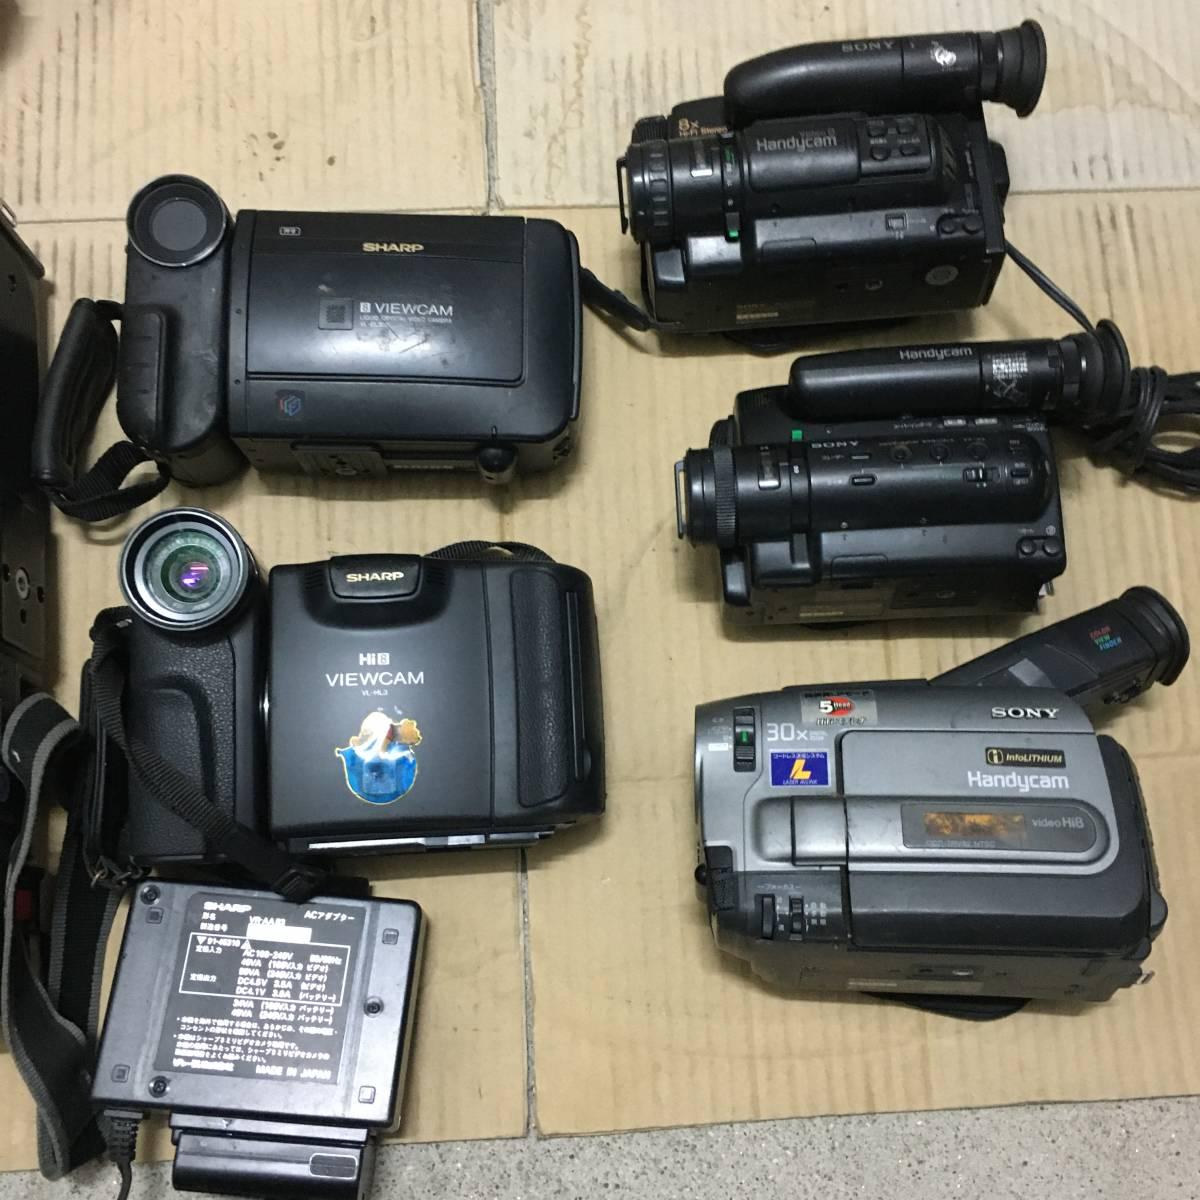 ビデオカメラ(41) 機種色々 Victor(VideoMovie) SONY(Video8,Handycam 3台) SHARP(Viewcam 2台)など まとめて 7台 部品取り ジャンク品_画像6